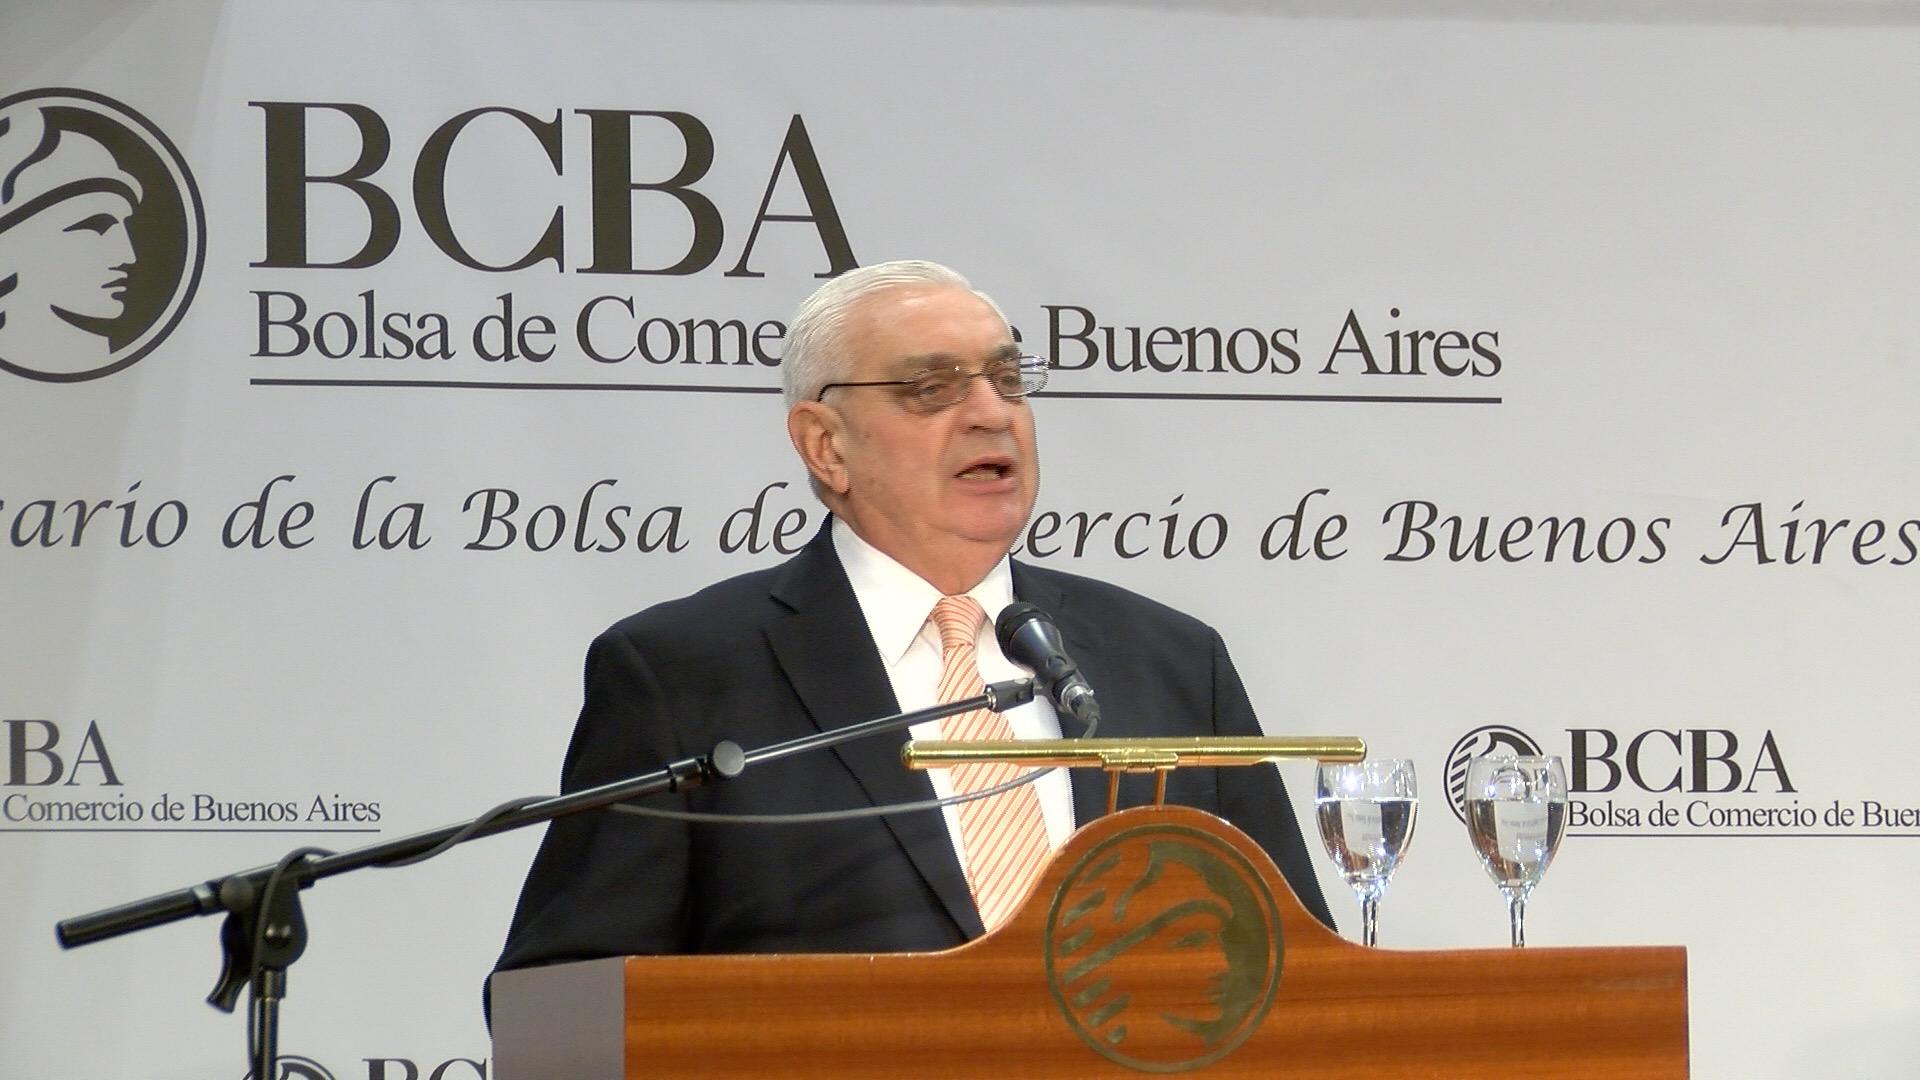 Para el presidente de la Bolsa de Comercio, la Argentina es